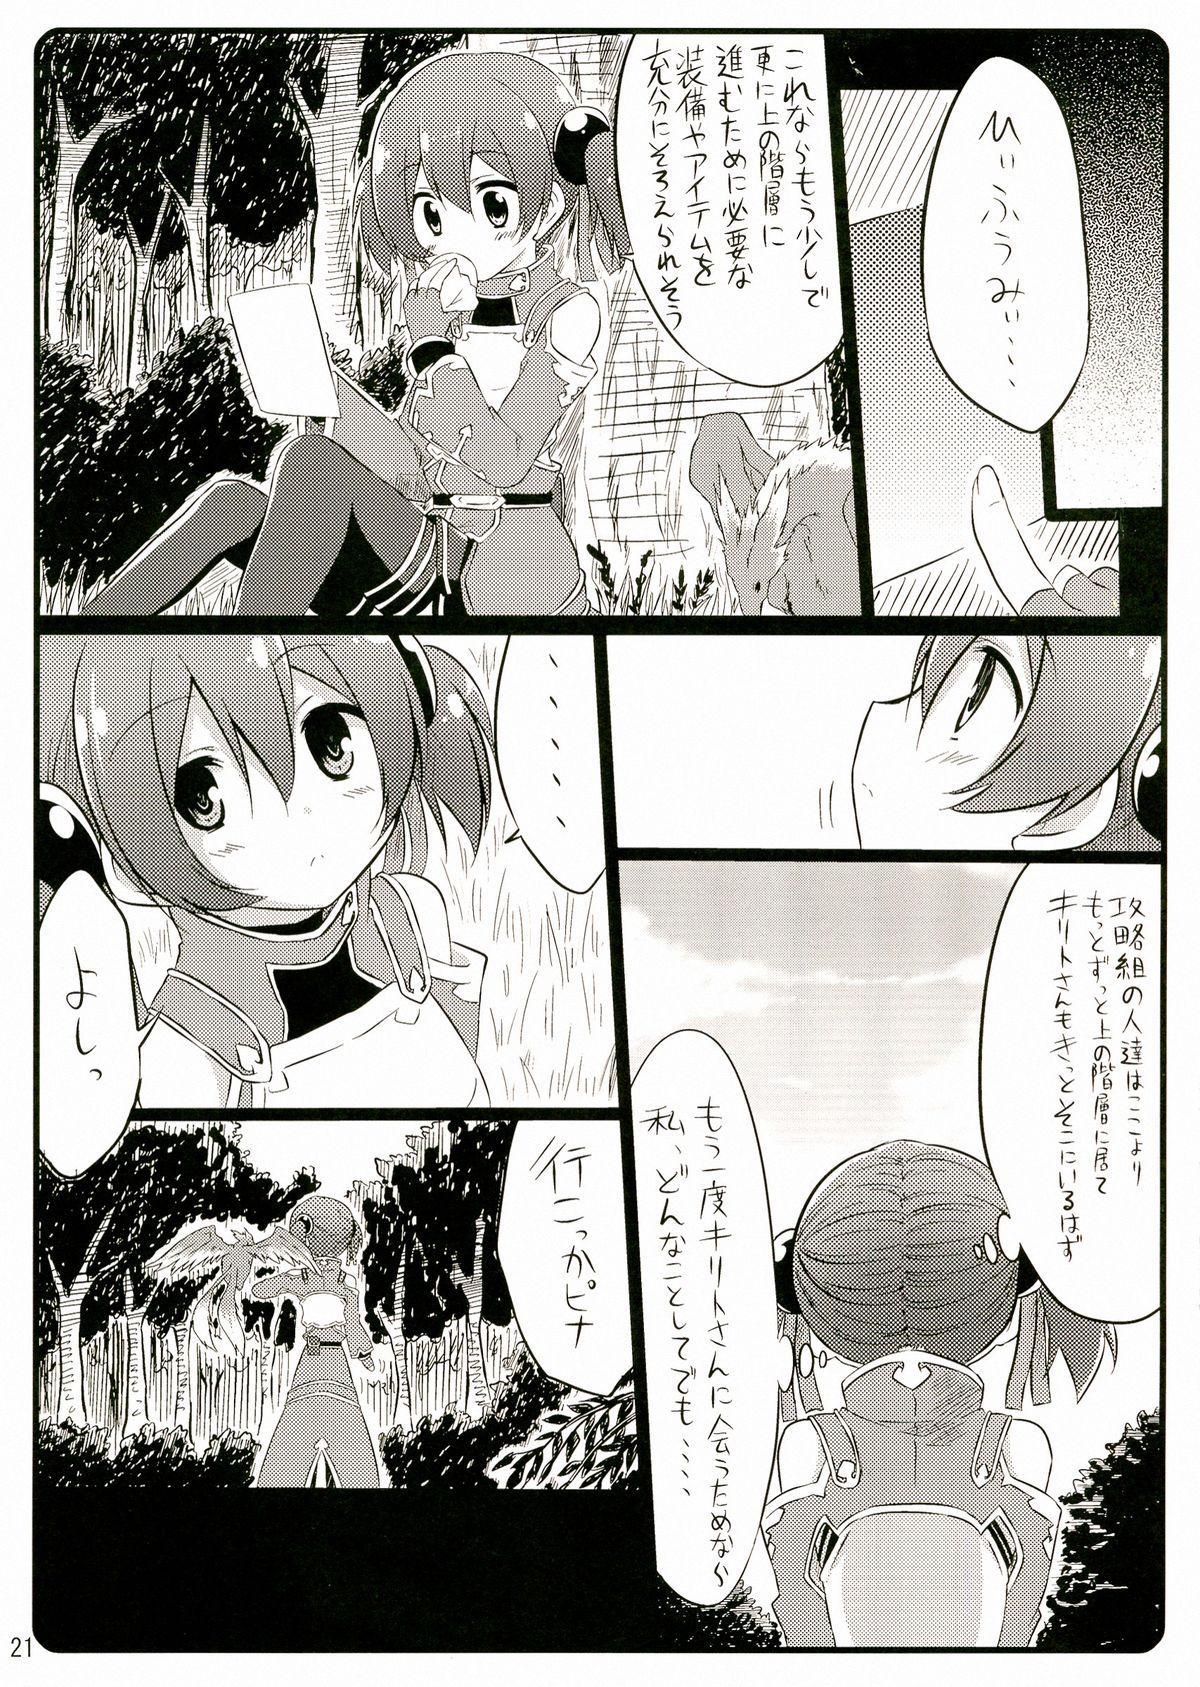 Silica chan kawaii β2 20